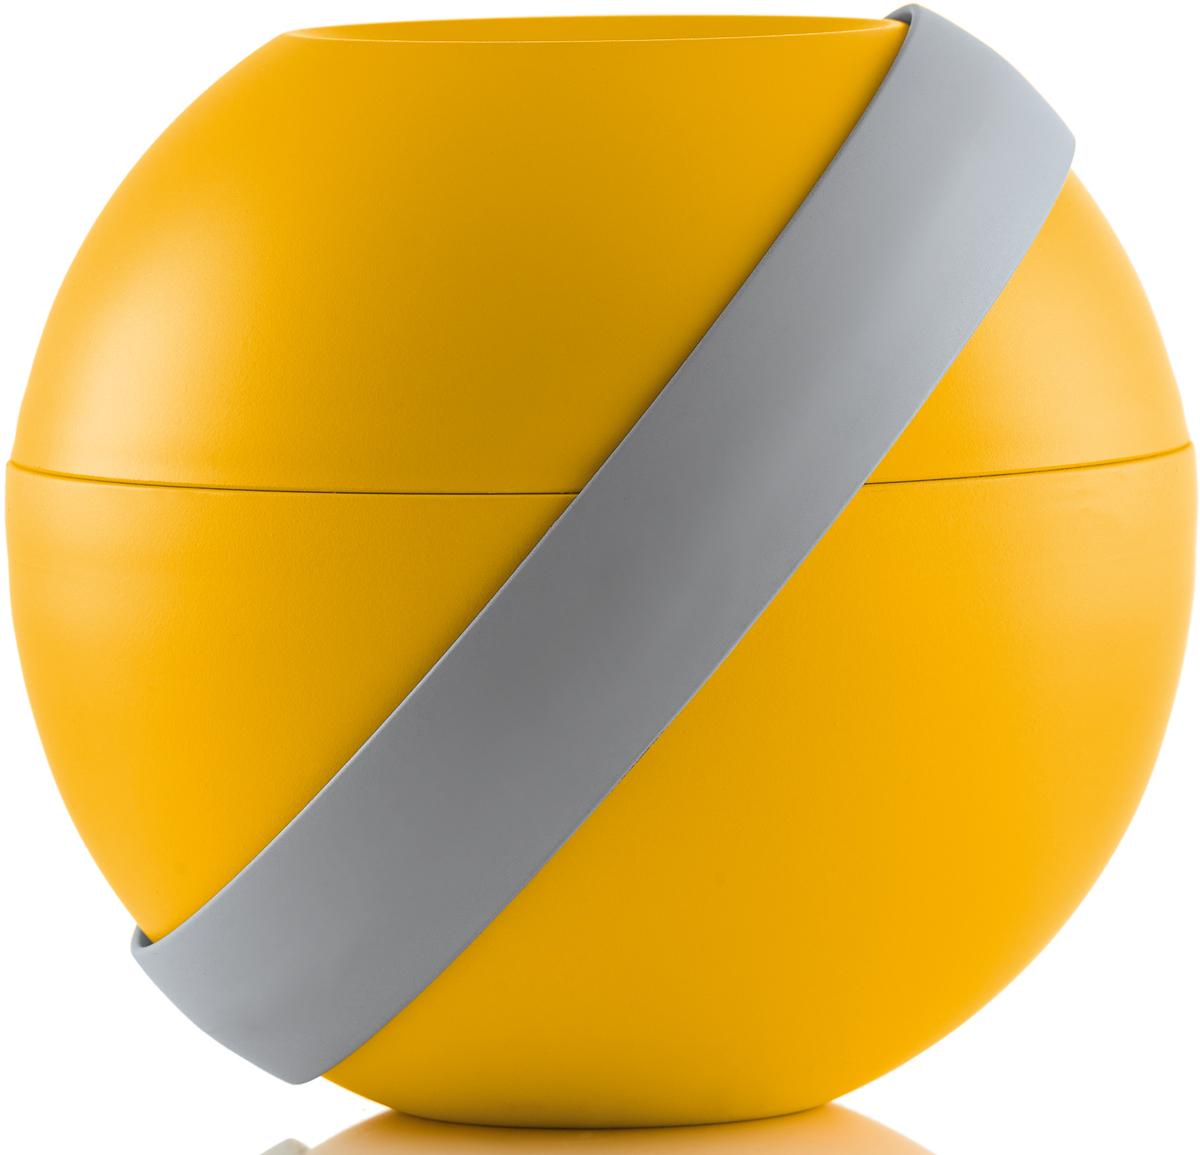 Ланч-бокс для салатов Guzzini Zero Chilled, цвет: желтый,  мл + 780 мл100101165Ланч-бокс Zero Chilled является продолжением знаменитой линейки дизайнерских объектов от Guzzini, форма которых представляет собой шар. Он создан специально для тех, кто любит перекусить на ходу и хочет получать полезные вещества и ингредиенты, даже если находится в дороге. Он состоит из двух герметичных и вместительных чаш с крышкой, между которыми помещаются столовые приборы и охлаждающий элемент с отверстием для йогурта в центре. При желании пластиковые вилка и ложка соединяются в удобные щипцы для салата.Ланч-бокс открывается и закрывается с помощью стильной ручки-пояса, которая также может менять свое положение. Когда пояс расположен вертикально, ланч-бокс закрыт и готов для транспортировки. Если нужно поставить его на поверхность, то наклоните ручку немного вбок, а для открытия приведите в горизонтальное положение. Ланч-бокс отлично подойдет для салатов, легких закусок, орехов и фруктов. Объем верхней чаши -  мл. Нижней - 780 мл. Не содержит вредных примесей и бисфенола-А. Можно мыть в посудомоечной машине. Не использовать в микроволновой печи.